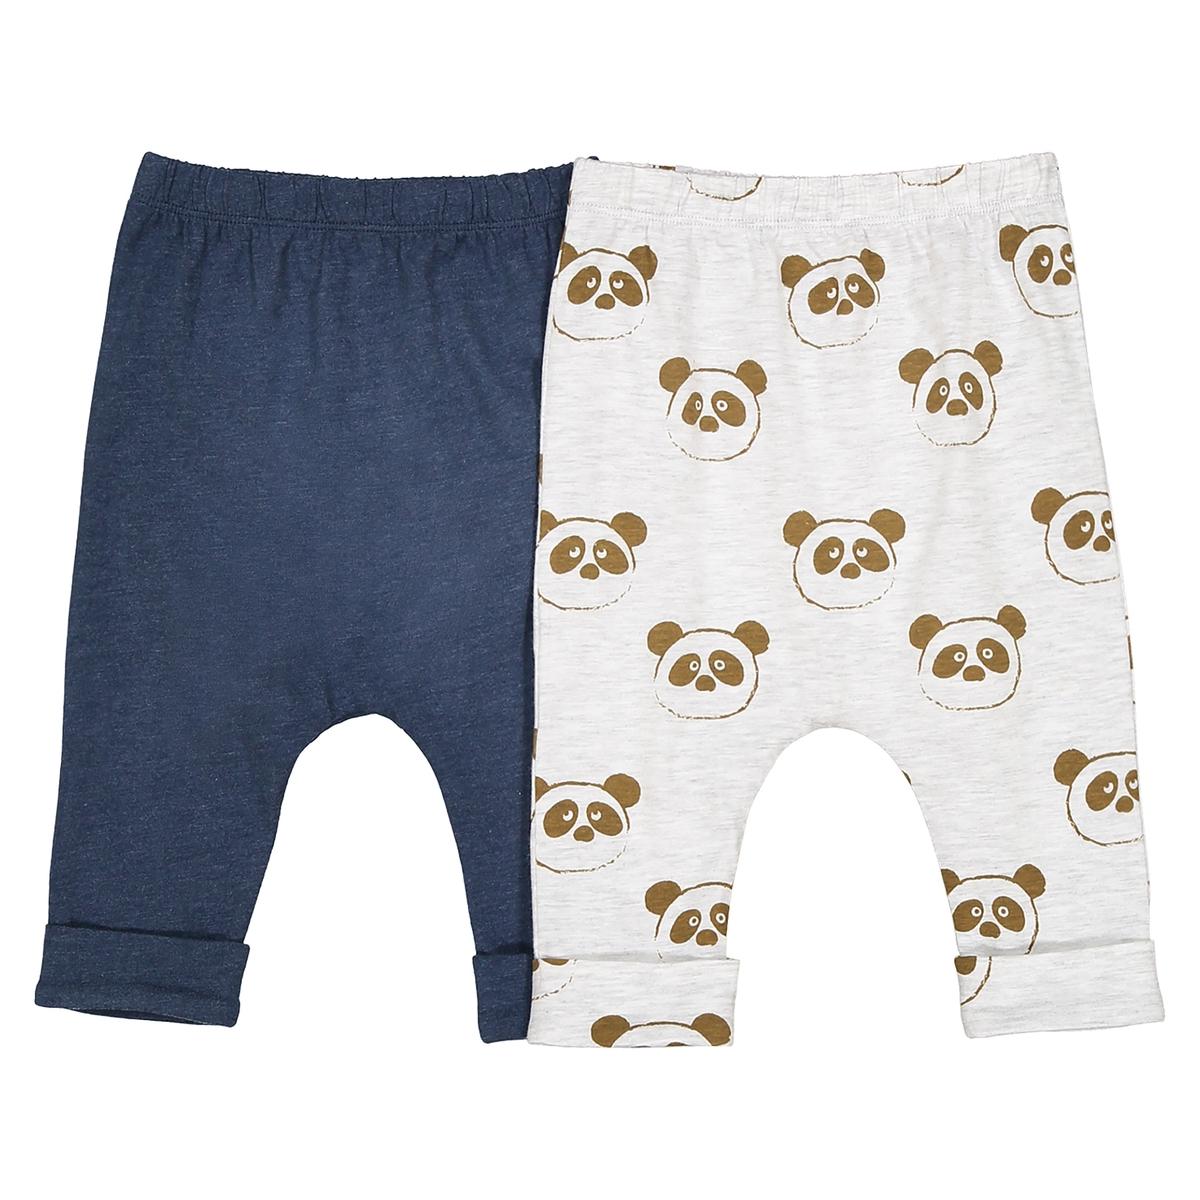 Confezione da 2 pantaloni alla turca fantasia, da 0 mesi a 2 anni